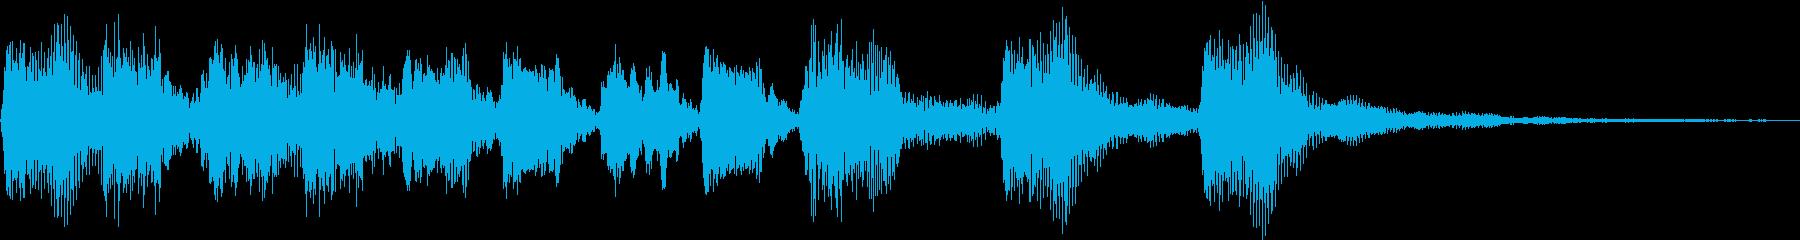 コミカル・おもちゃ・バラエティ/ジングルの再生済みの波形